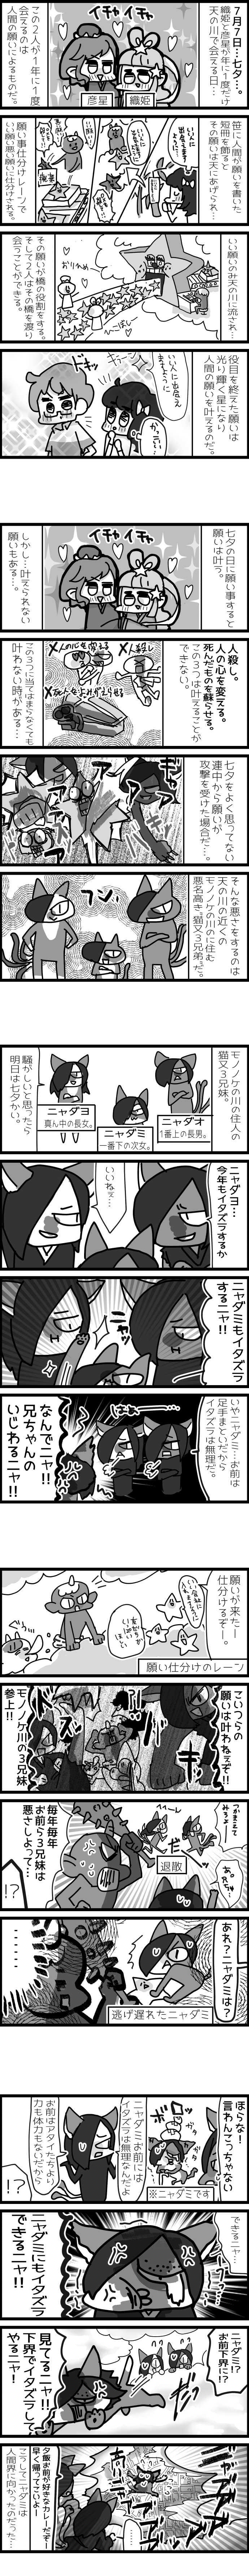 neetsadami.com_3話